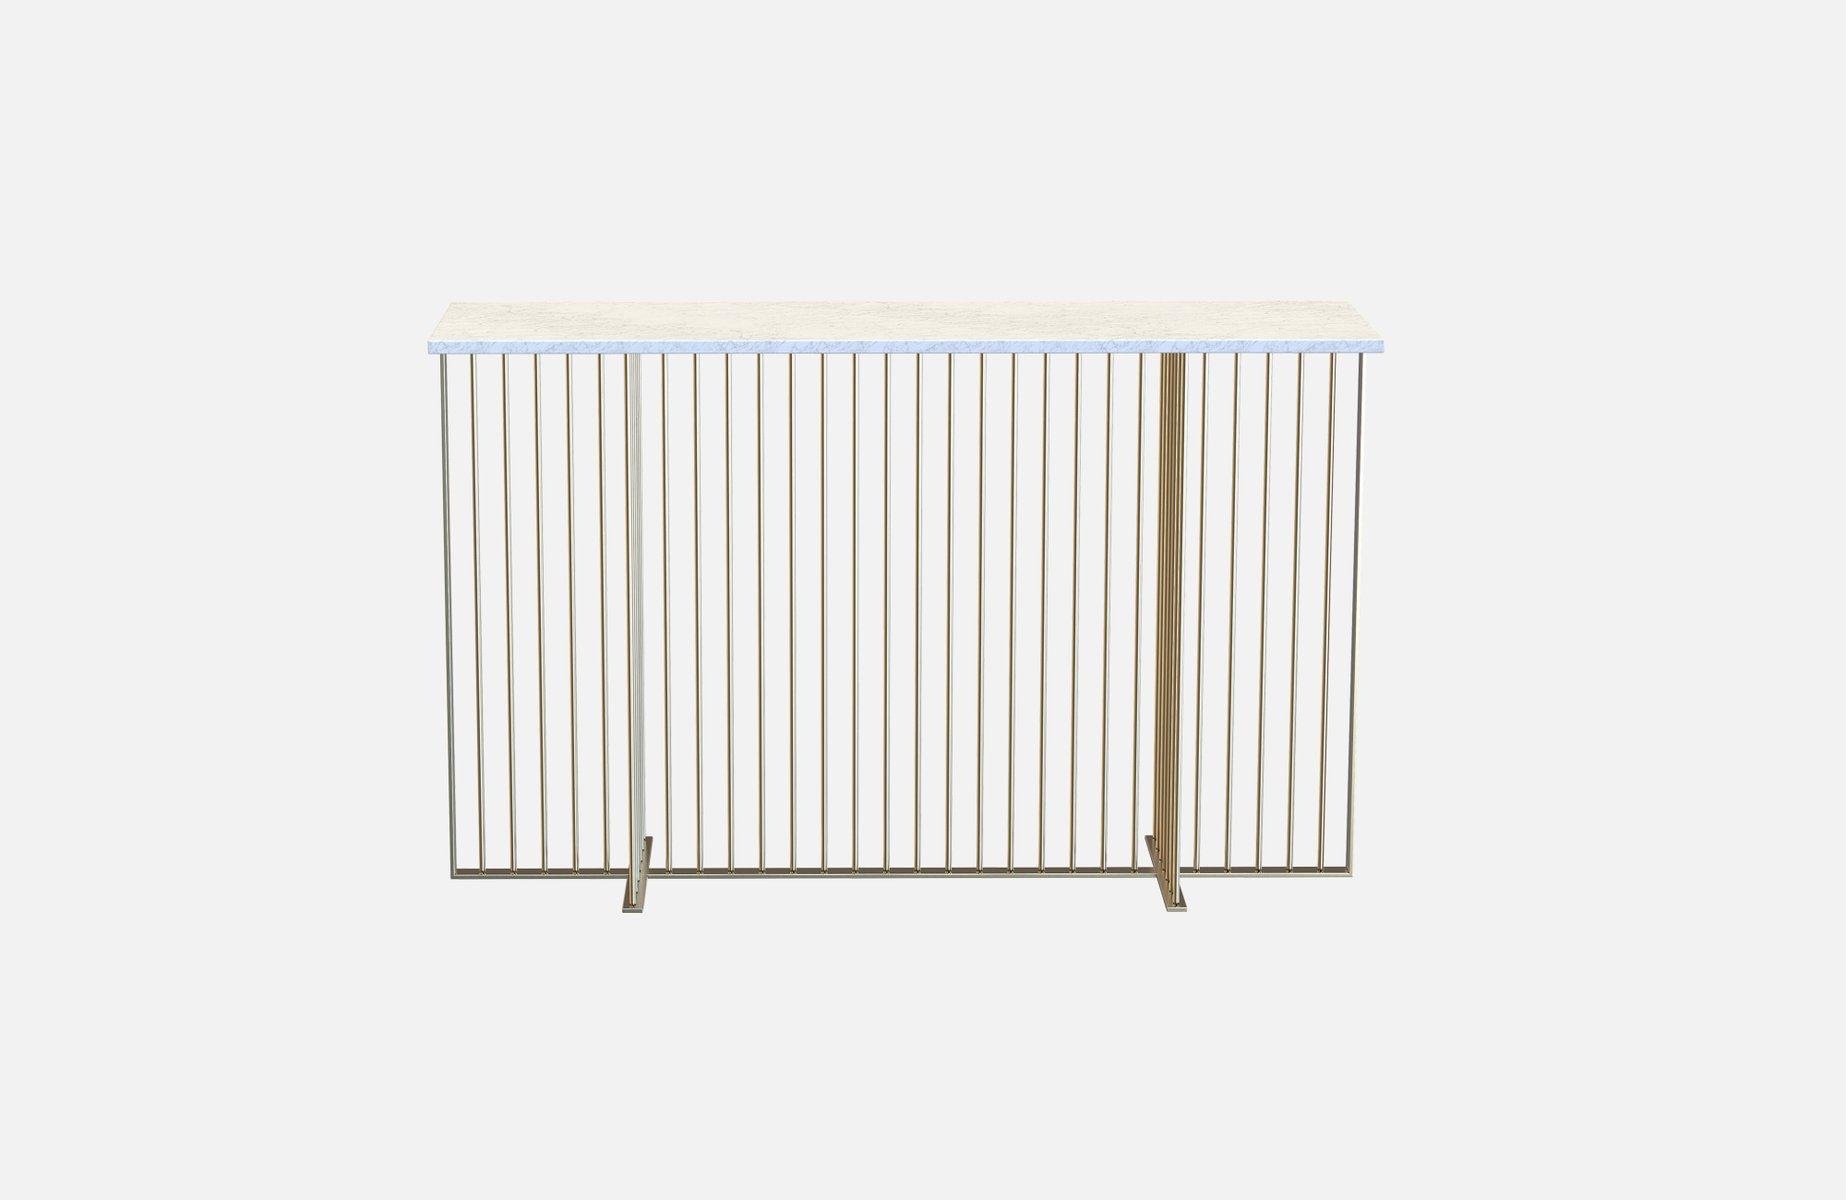 vermessingter meister konsolentisch mit wei er tischplatte aus marmor von alex baser f r miist. Black Bedroom Furniture Sets. Home Design Ideas